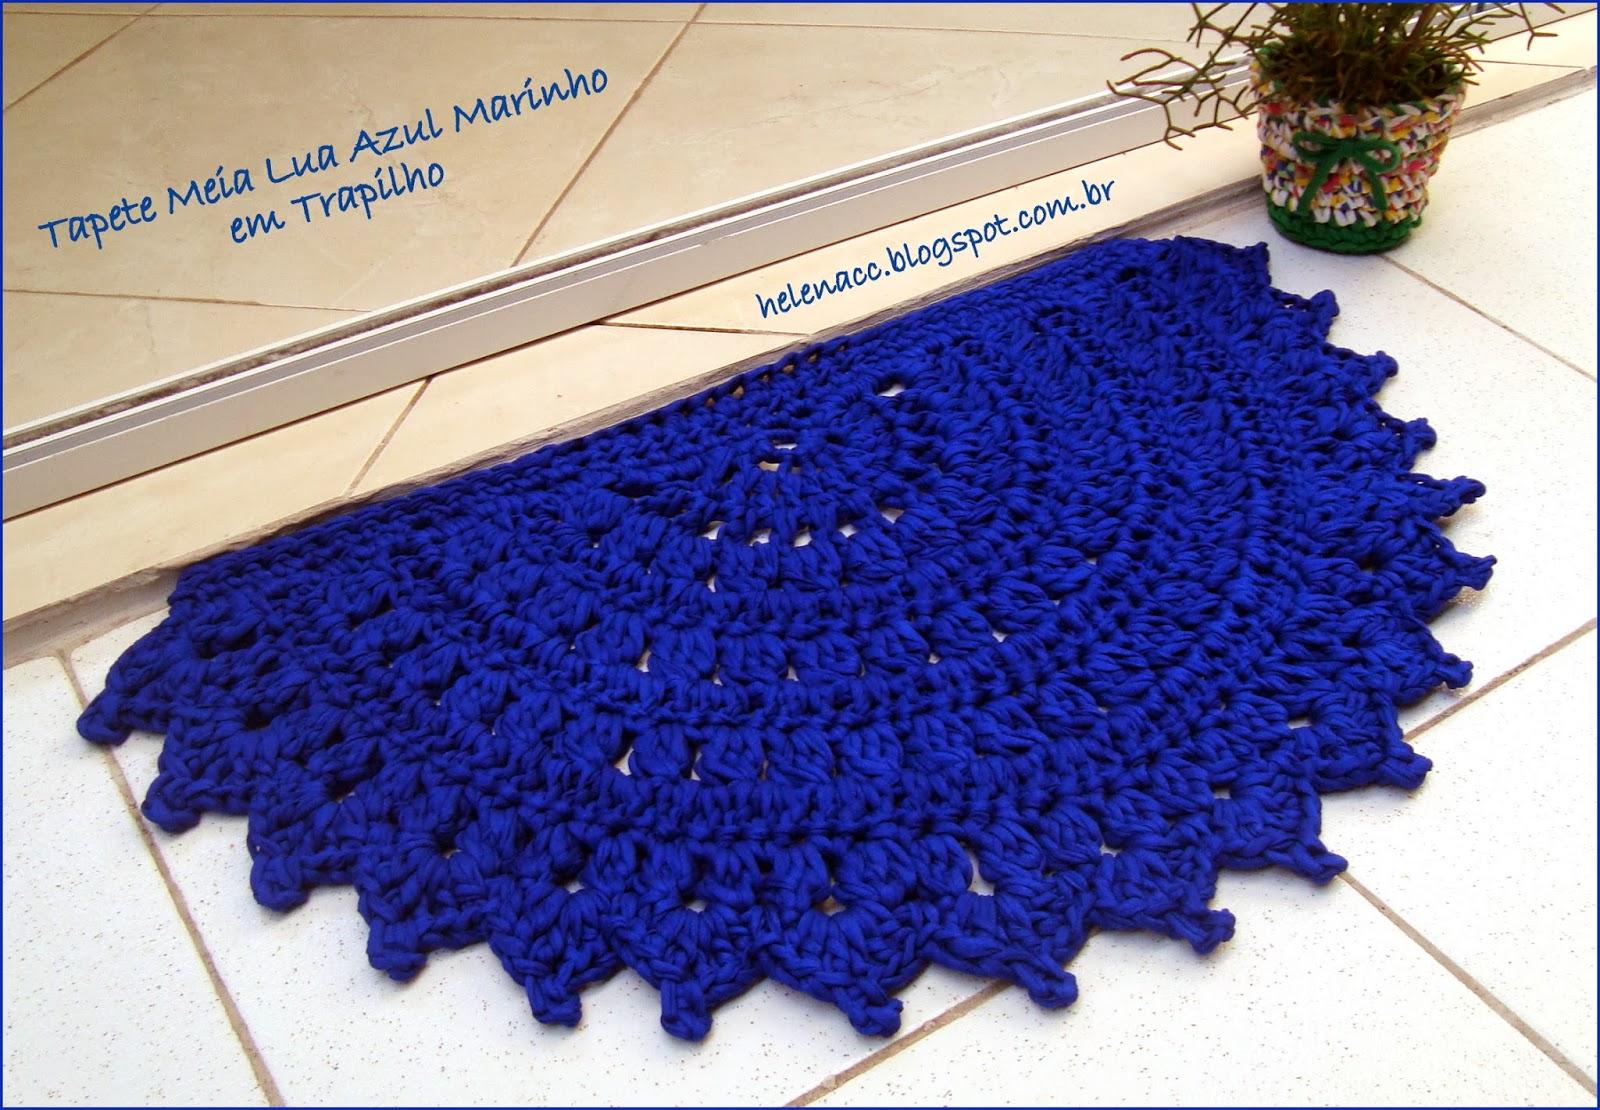 Tapete Meia Lua Azul Marinho em Trapilho tutorial de croche #1D2BAE 1600 1110